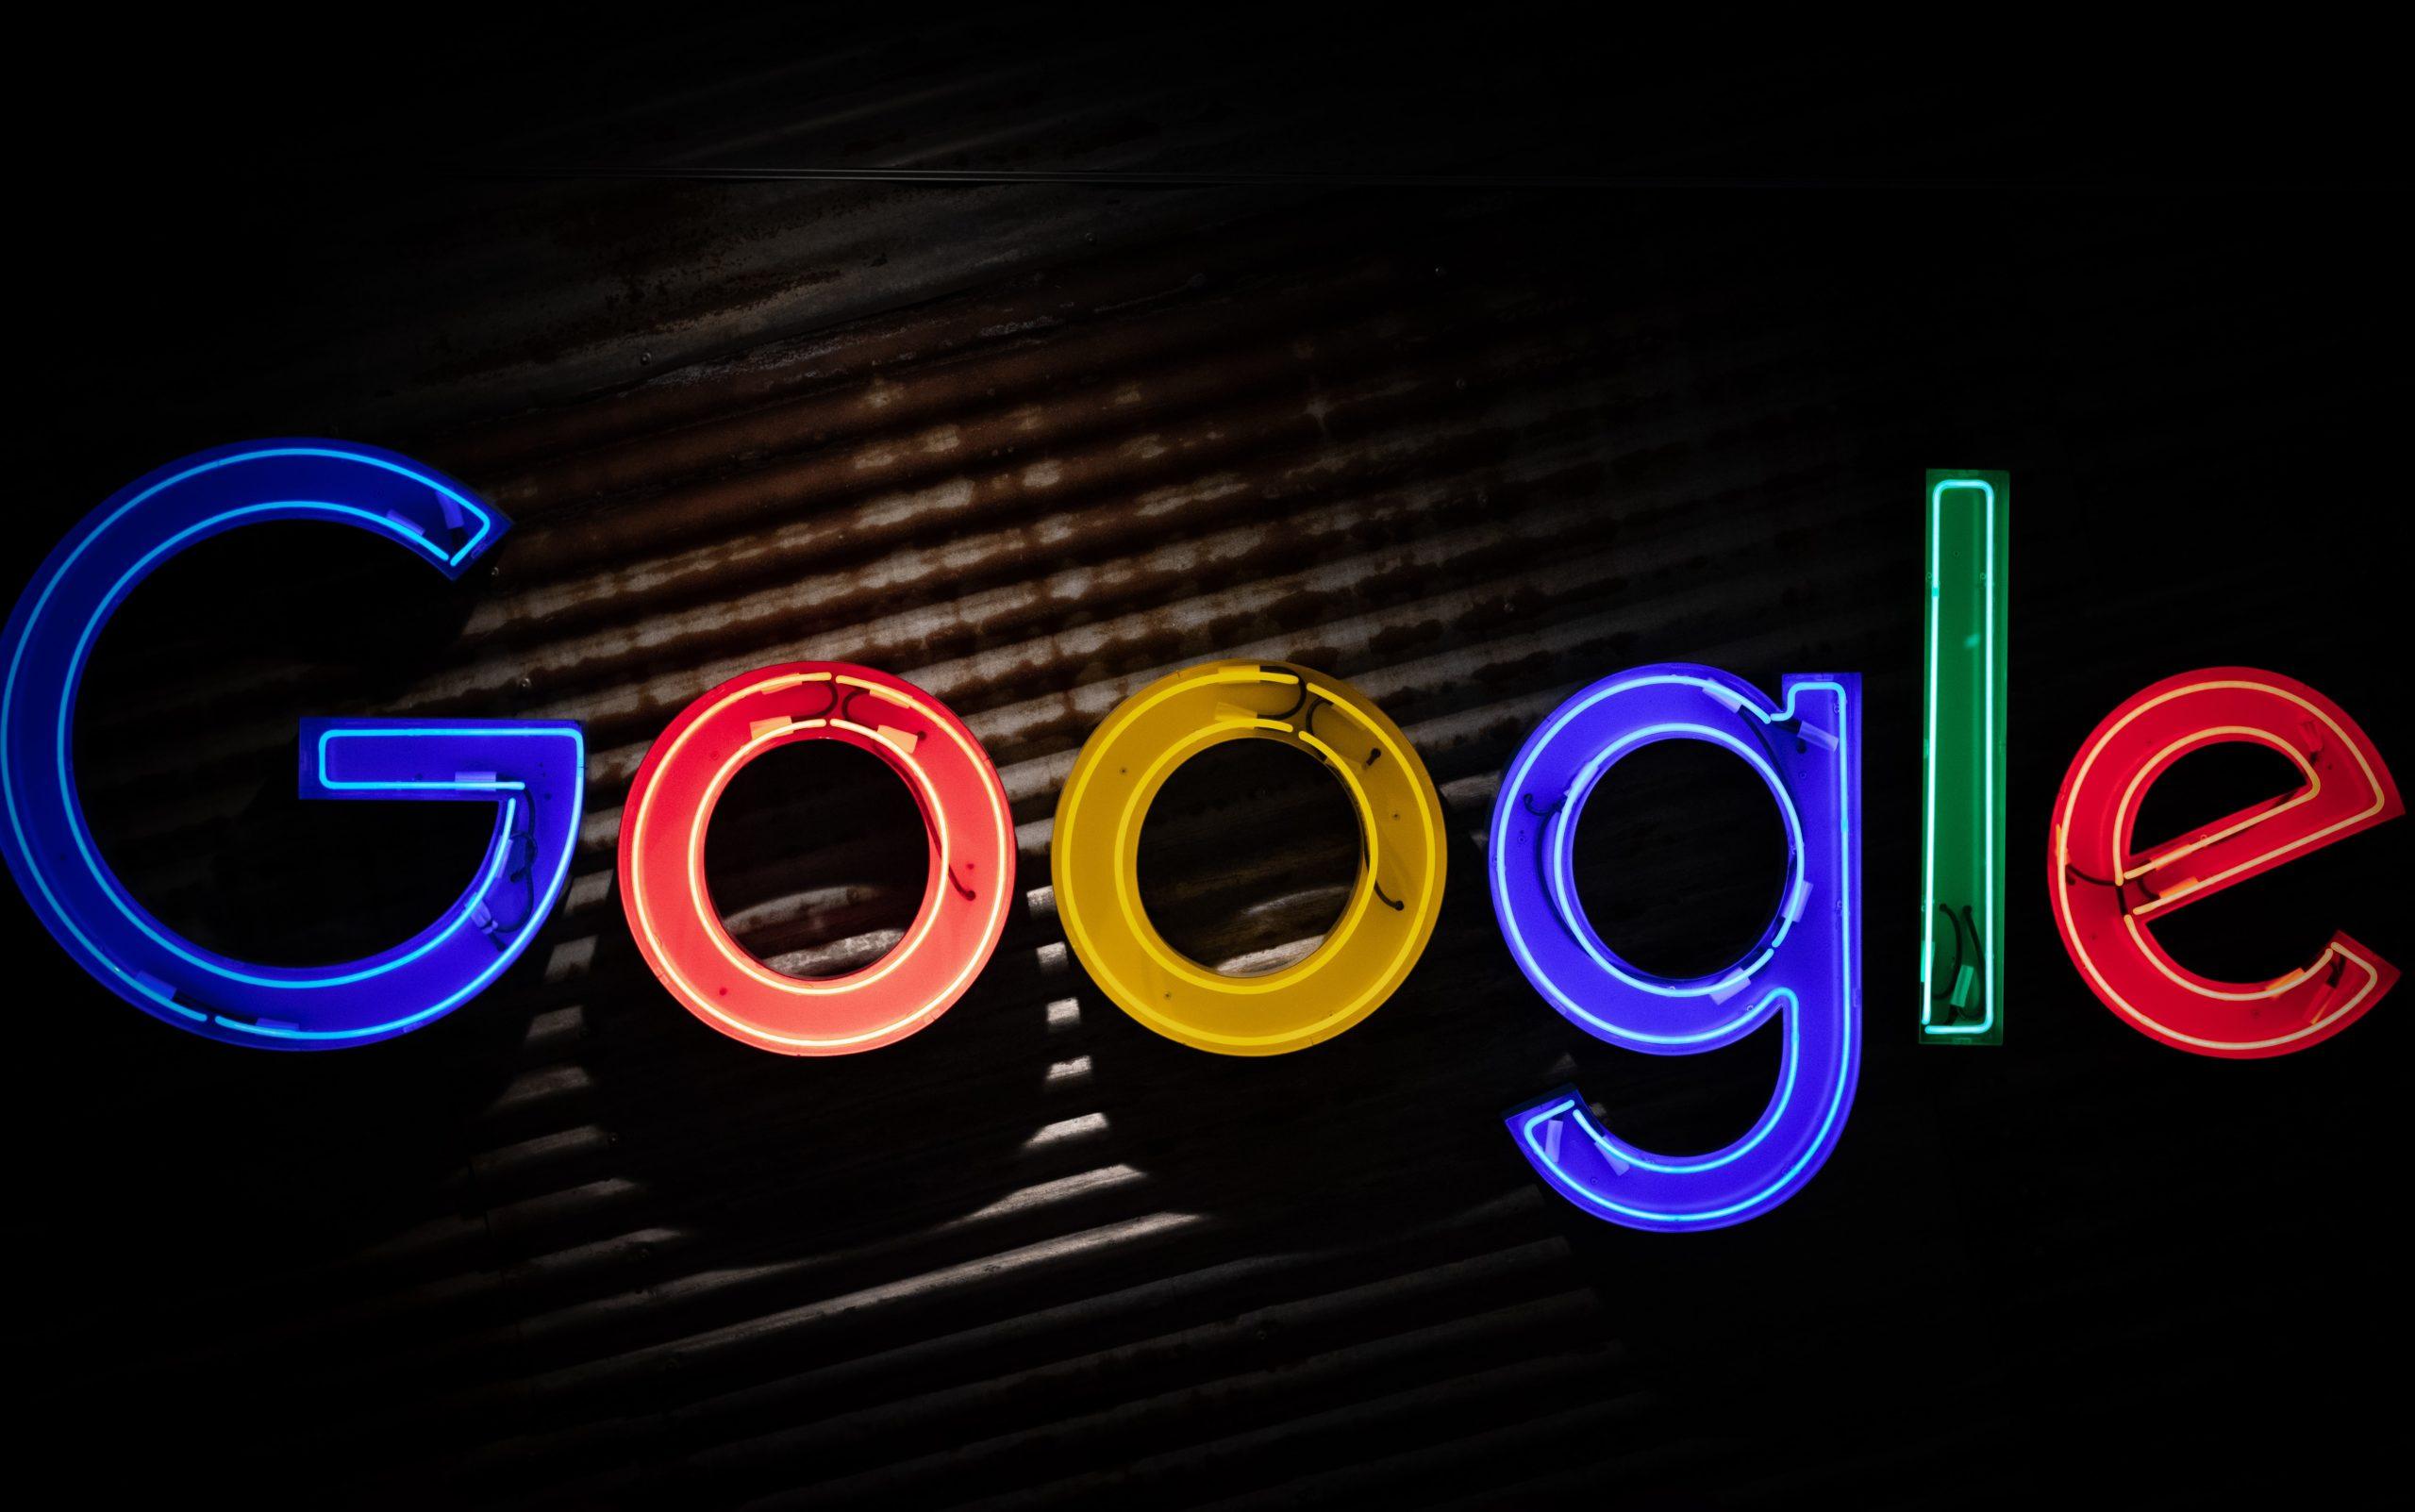 【Google共同創業者】ラリー・ペイジ&セルゲイ・ブリン【Alphabet】